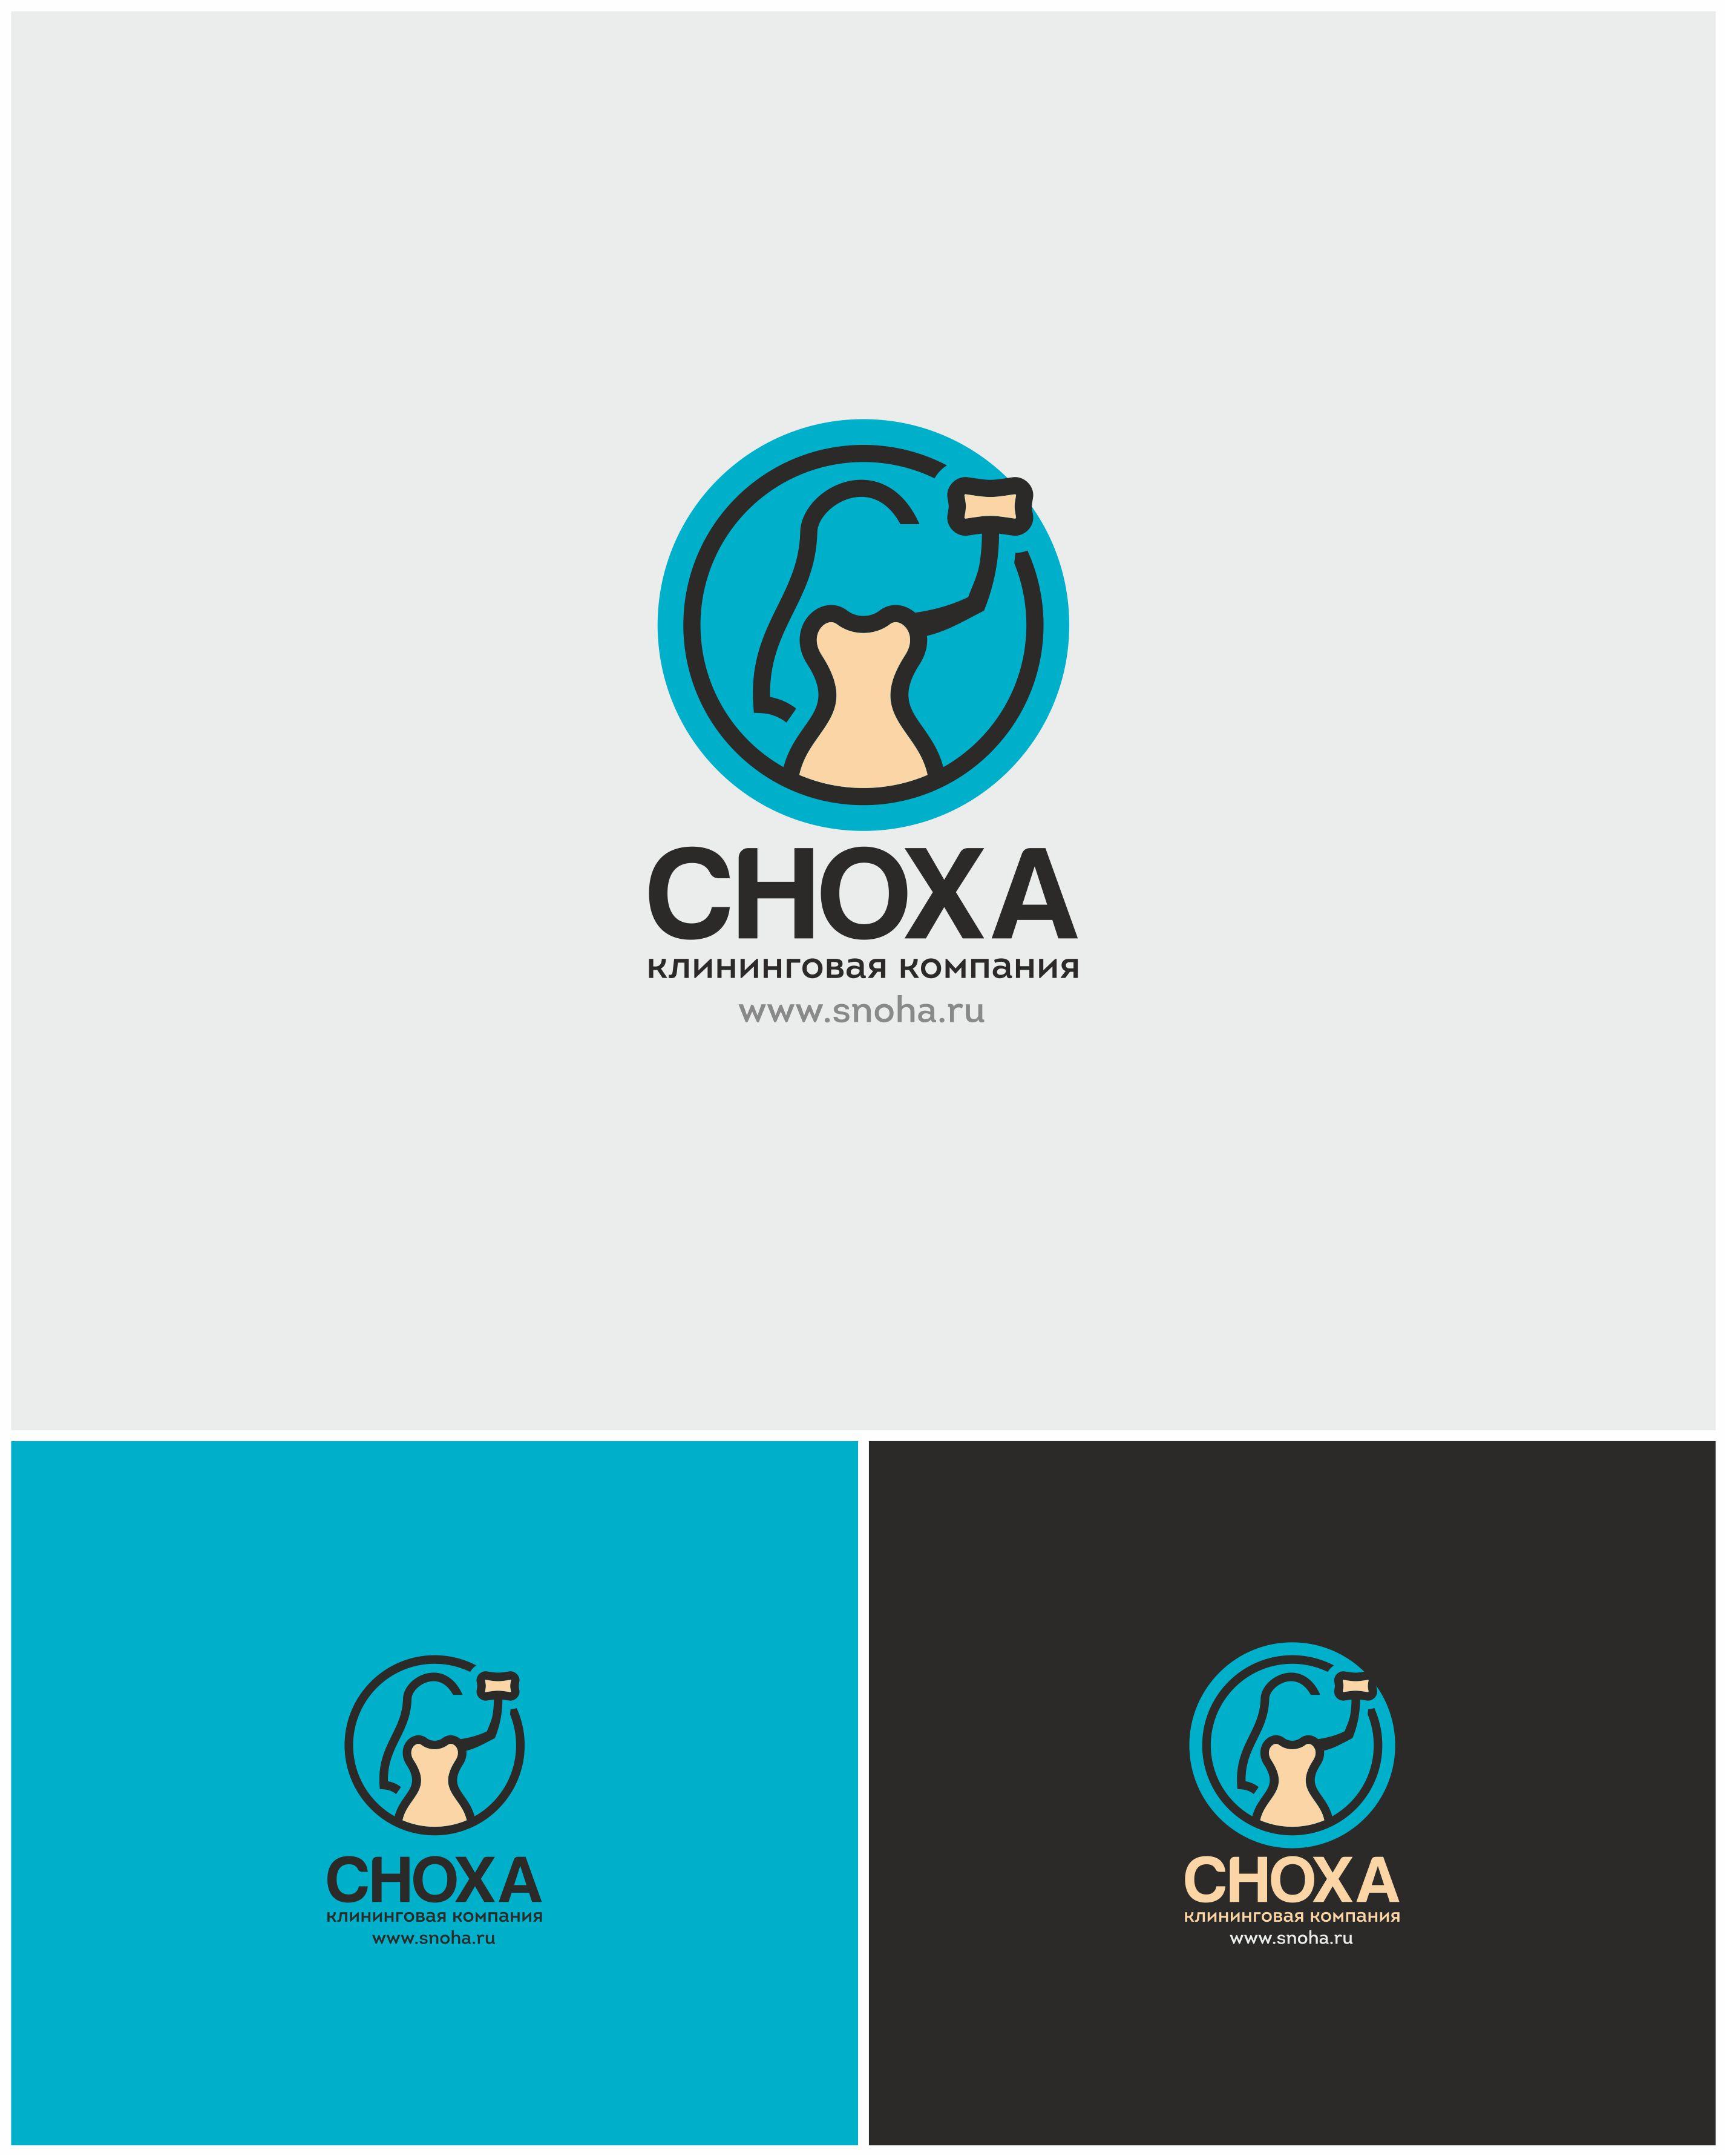 Логотип клининговой компании, сайт snoha.ru фото f_90454a5ebfe78a0e.jpg